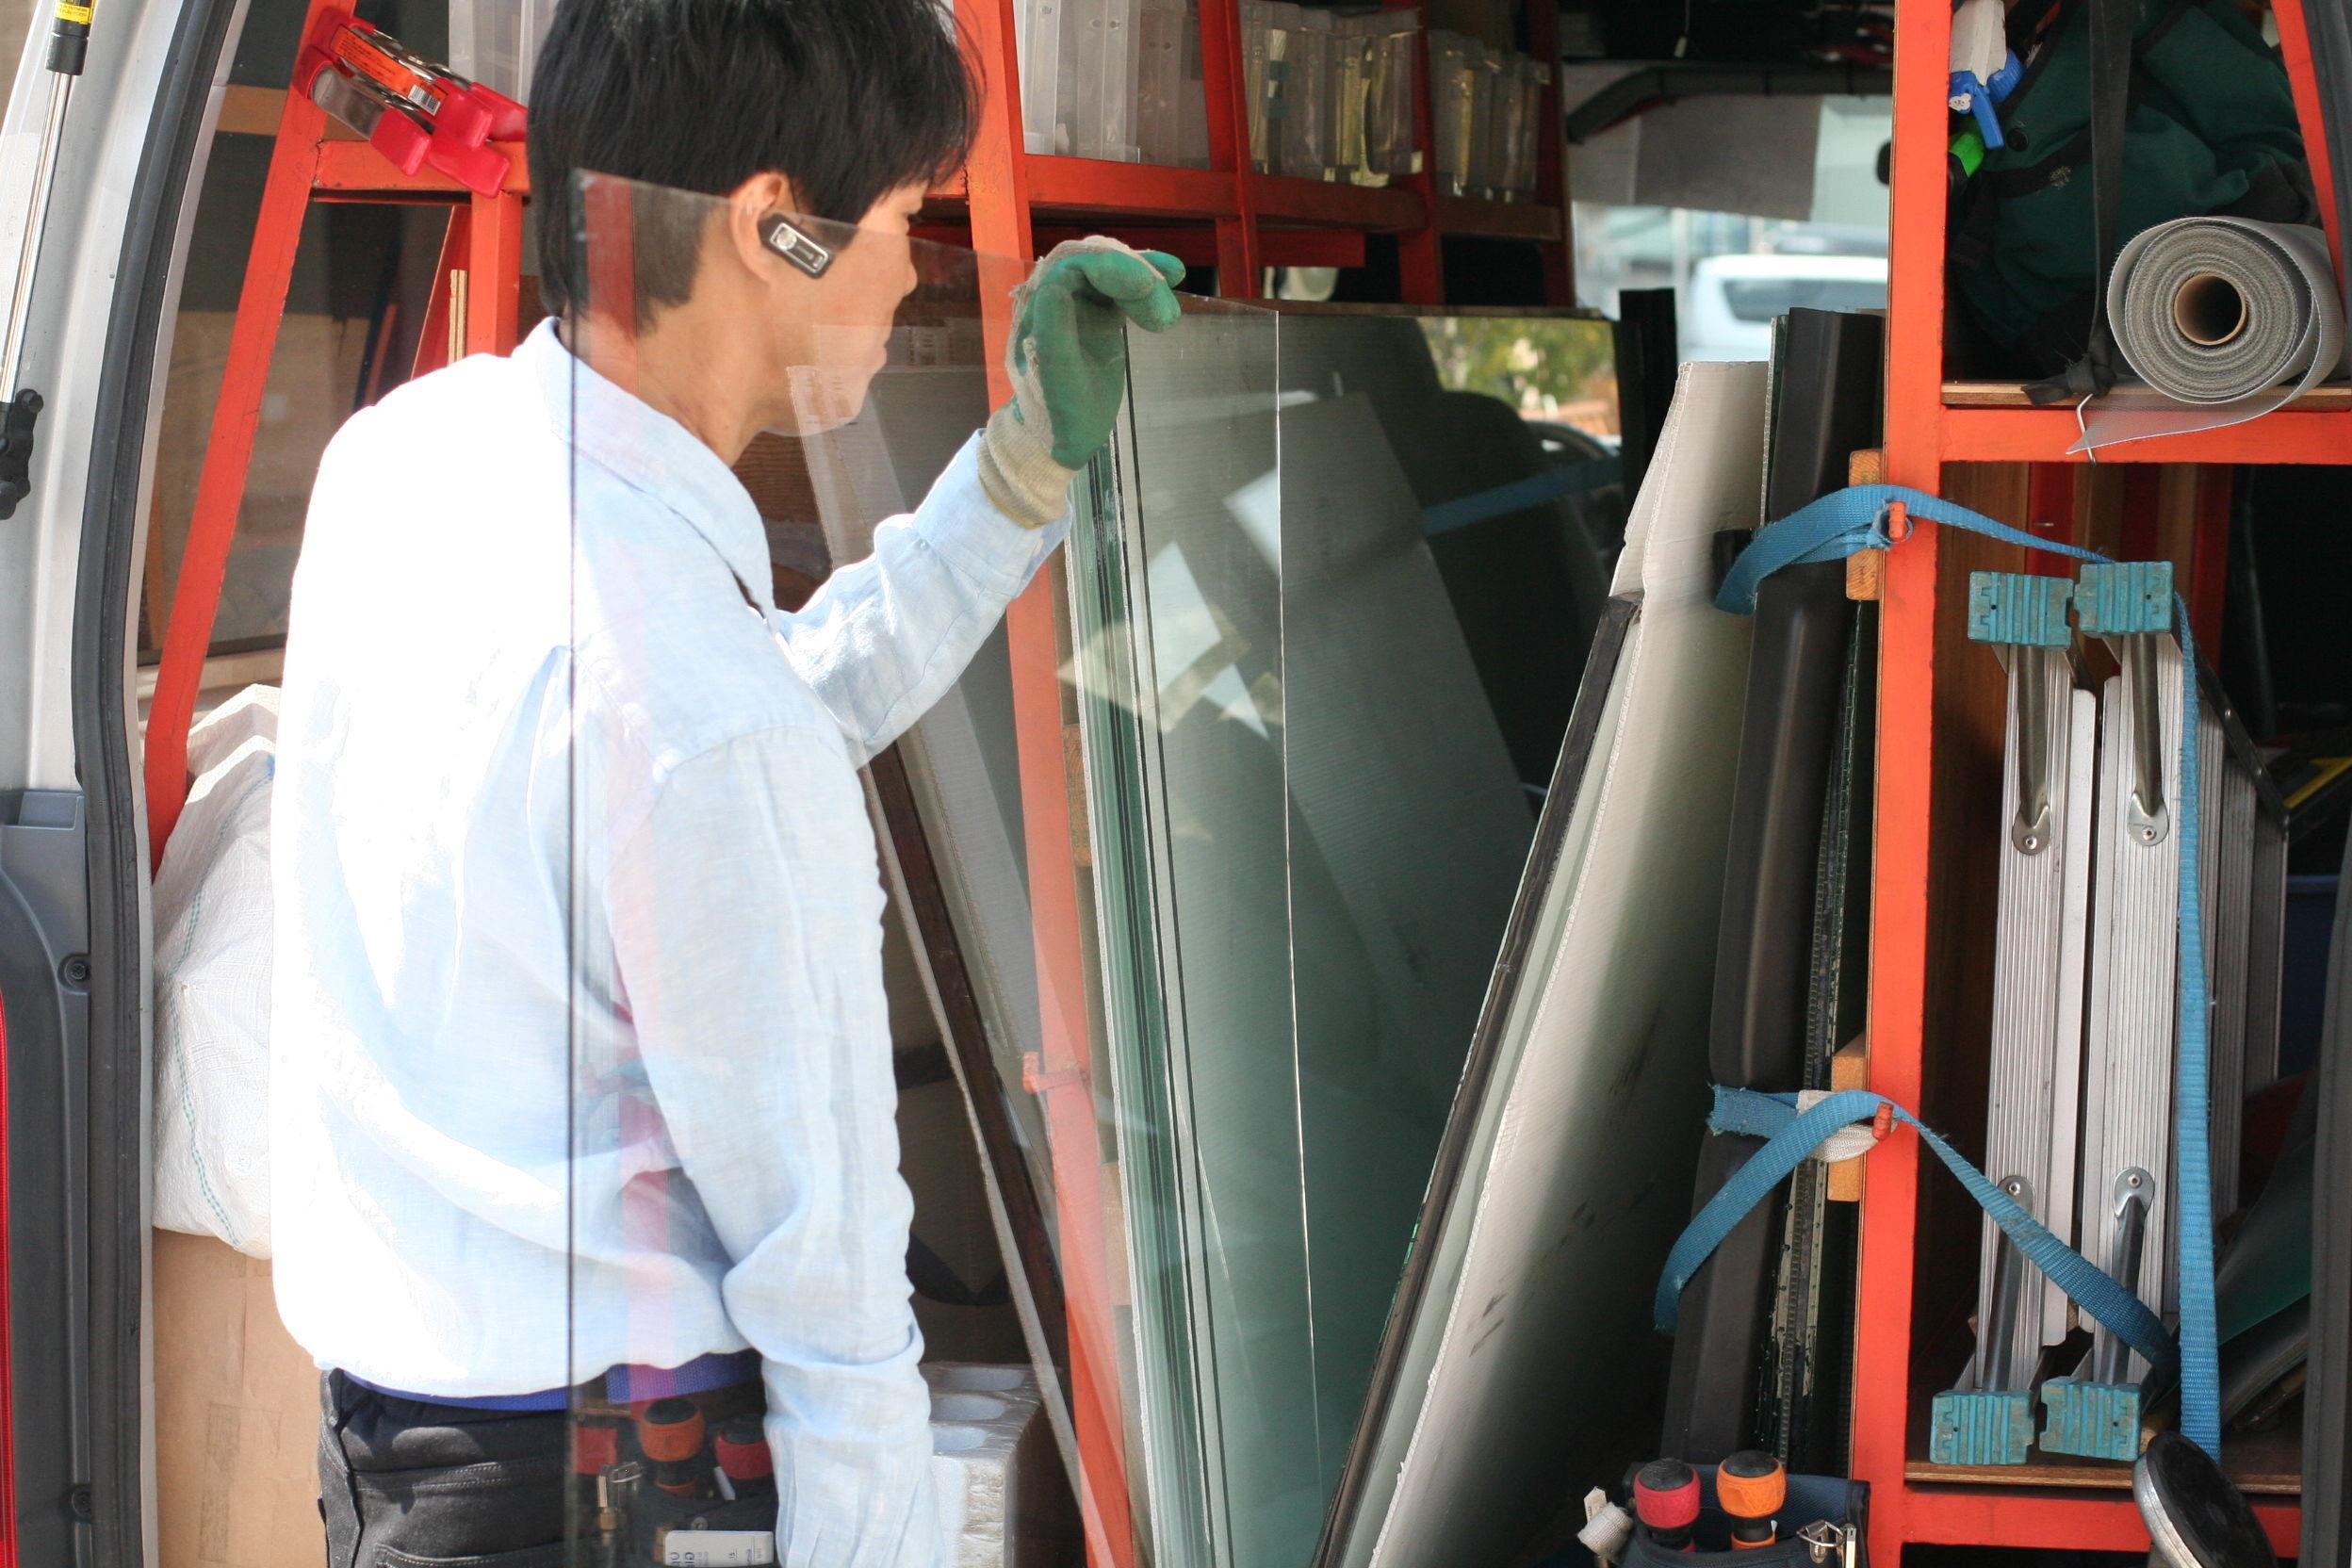 ガラスのトラブル救Q隊.24【豊川市 出張エリア】の店内・外観画像2